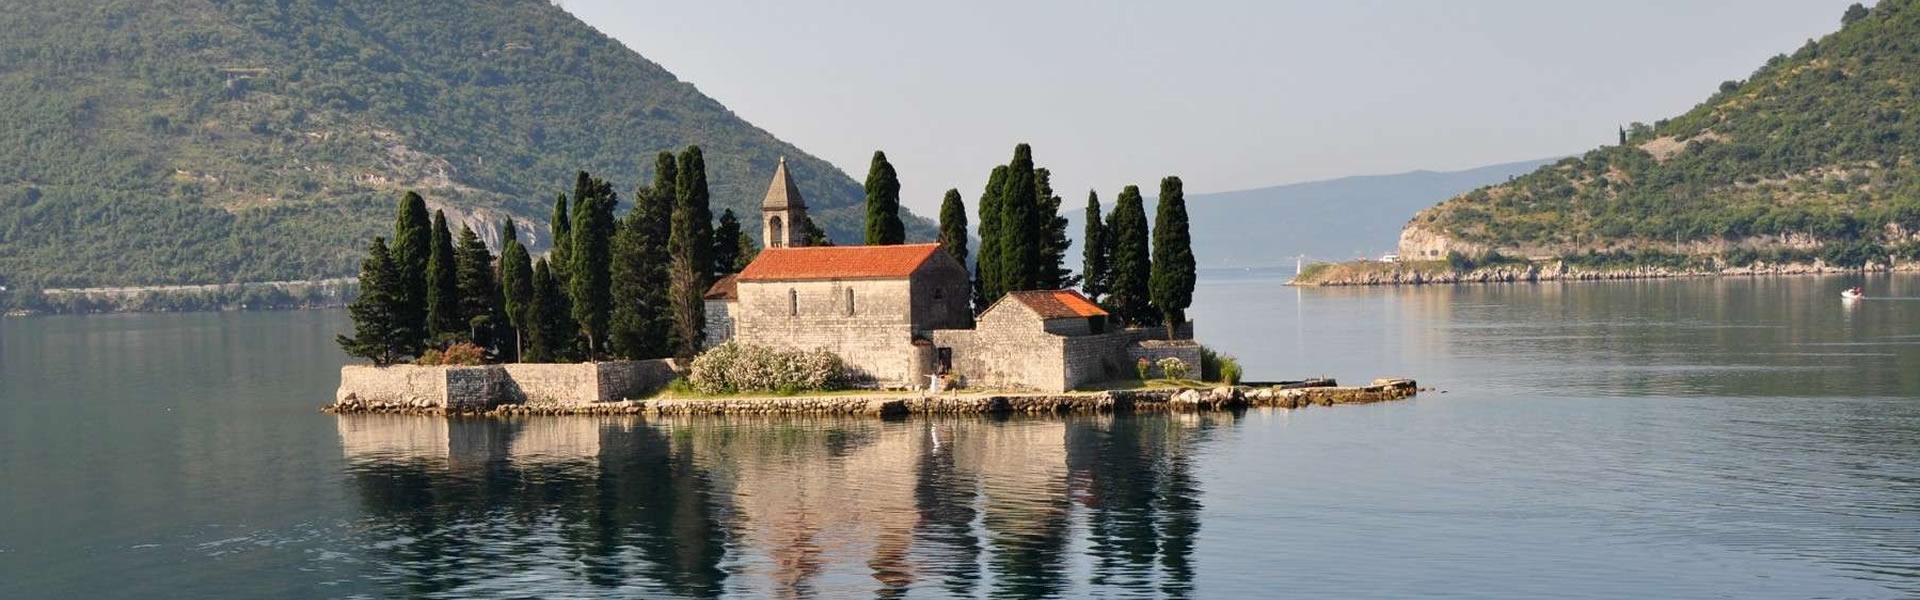 tourisme-a-kotor-montenegro